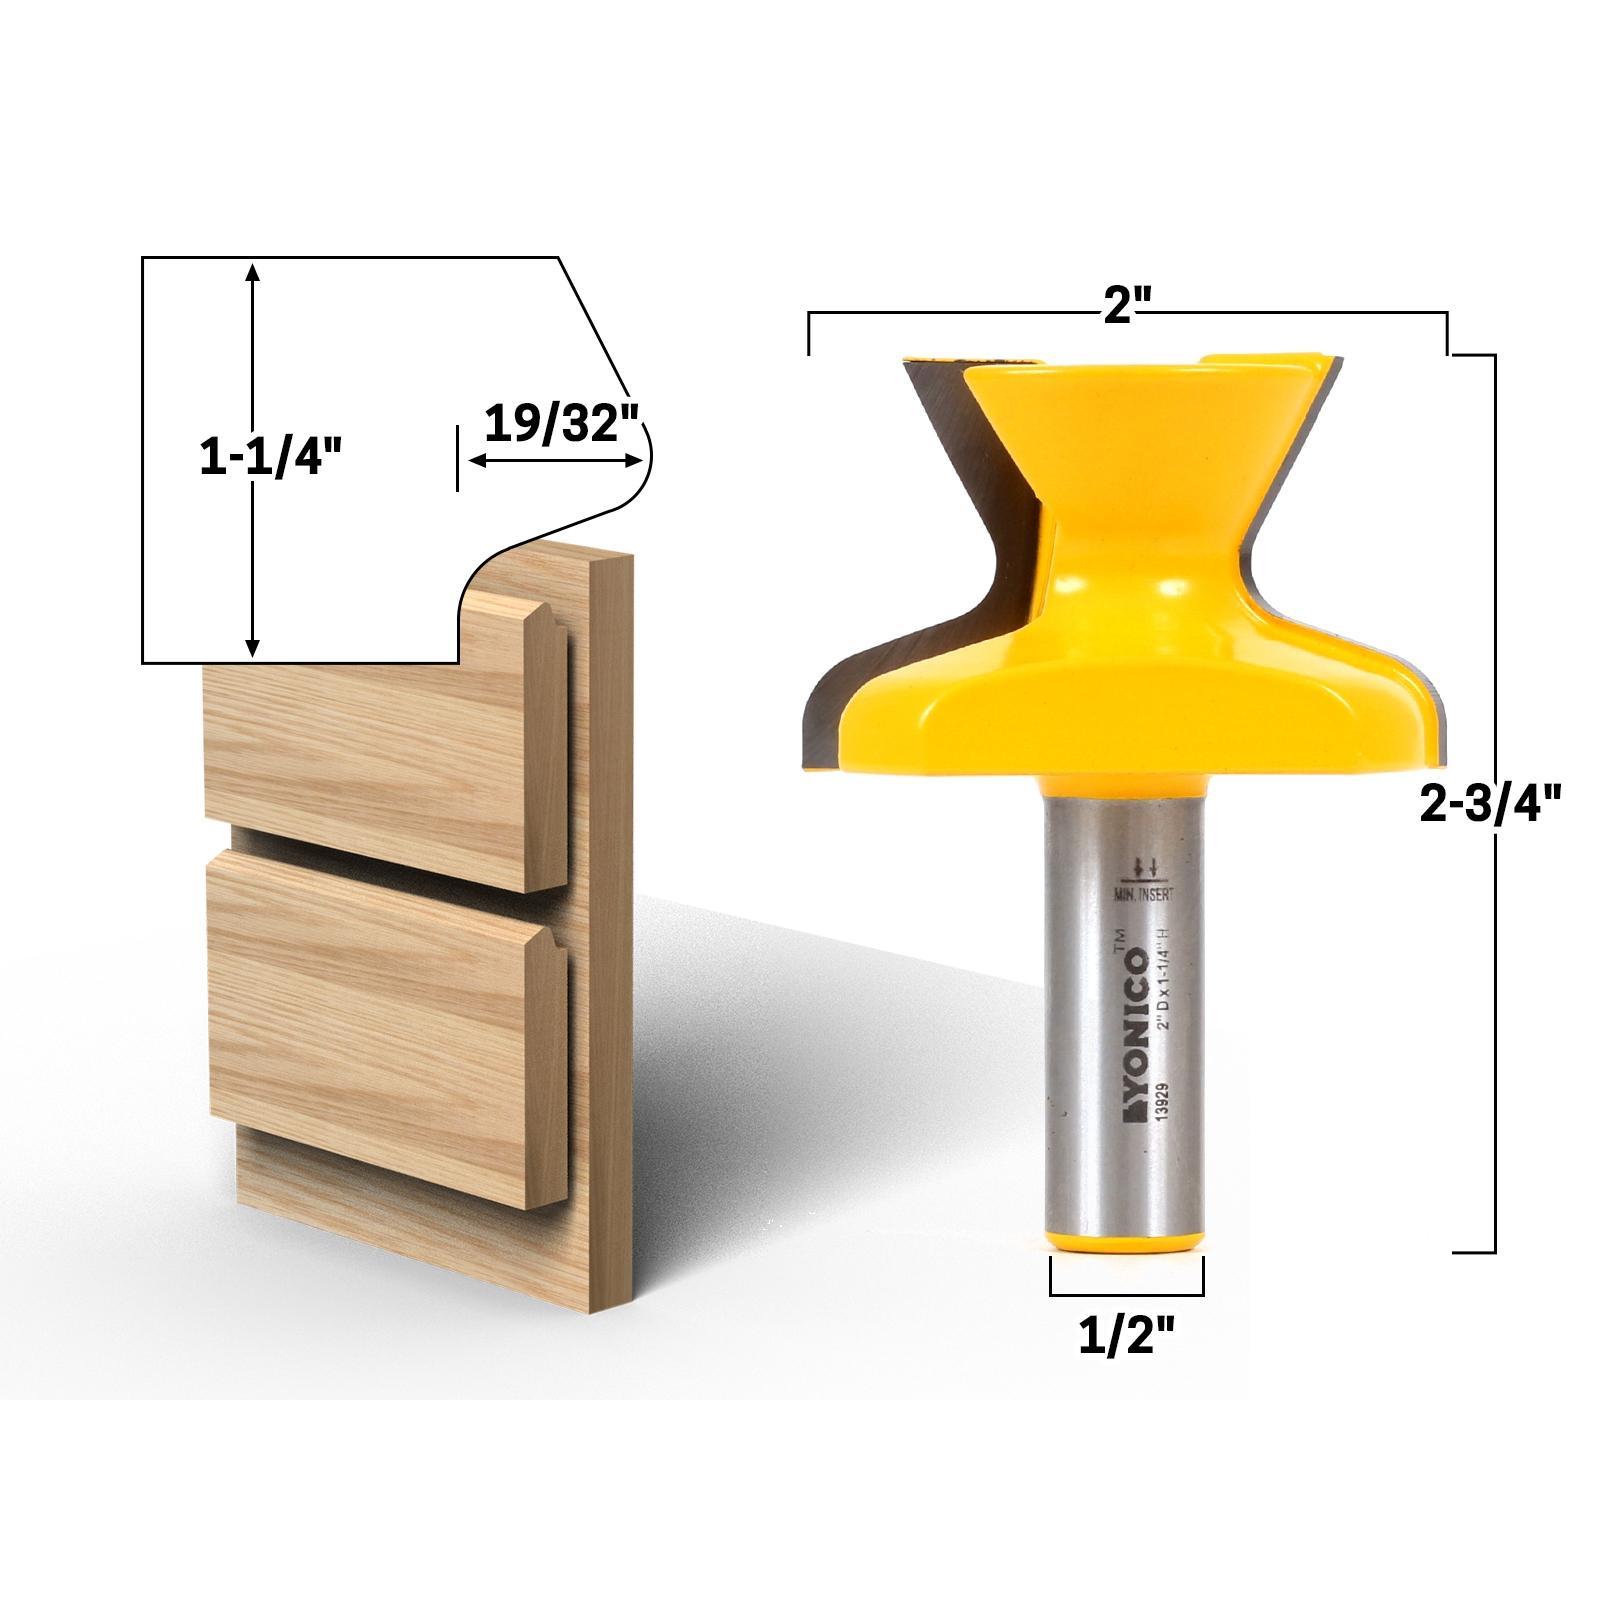 Door u0026 Window  Finger Grip  1-1/4  Cabinet Door Lip Router Bit - 1/2  Shank - Yonico 13929  sc 1 st  Precisionbits.com & Door u0026 Window :: Finger Grip :: 1-1/4